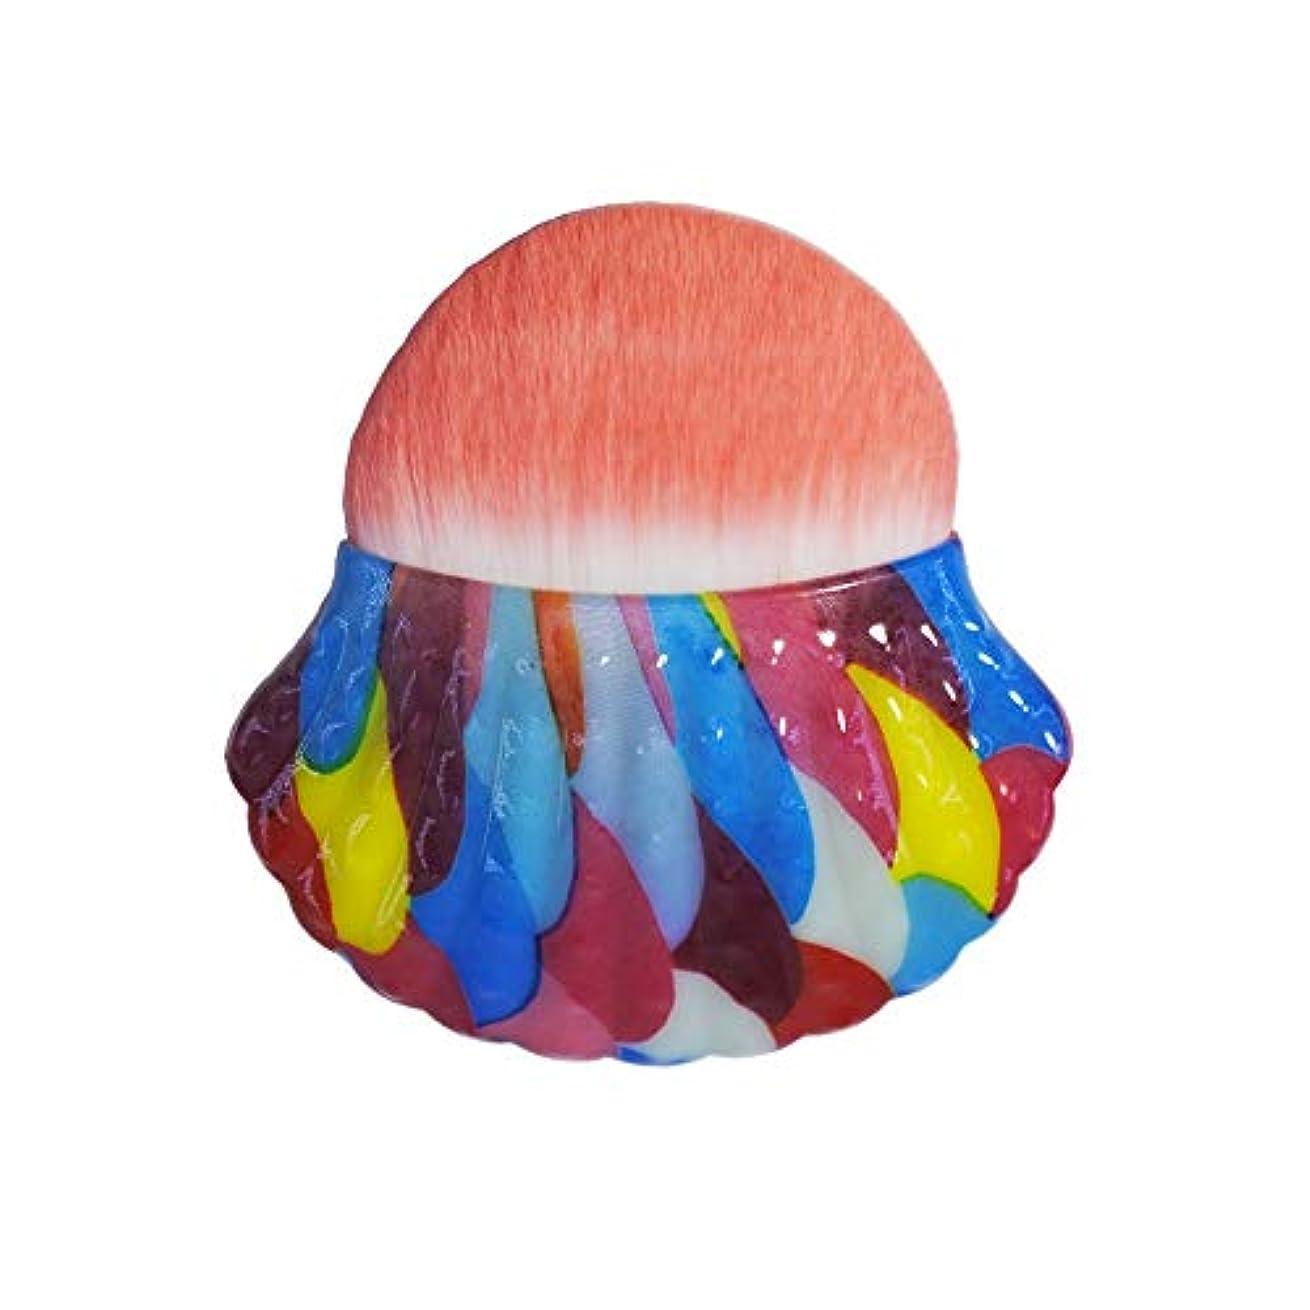 いちゃつく取り囲む広いMakeup brushes 色、独占シェルタイプブラッシュブラシ美容メイクブラシツールポータブル多機能メイクブラシ suits (Color : Rainbow)